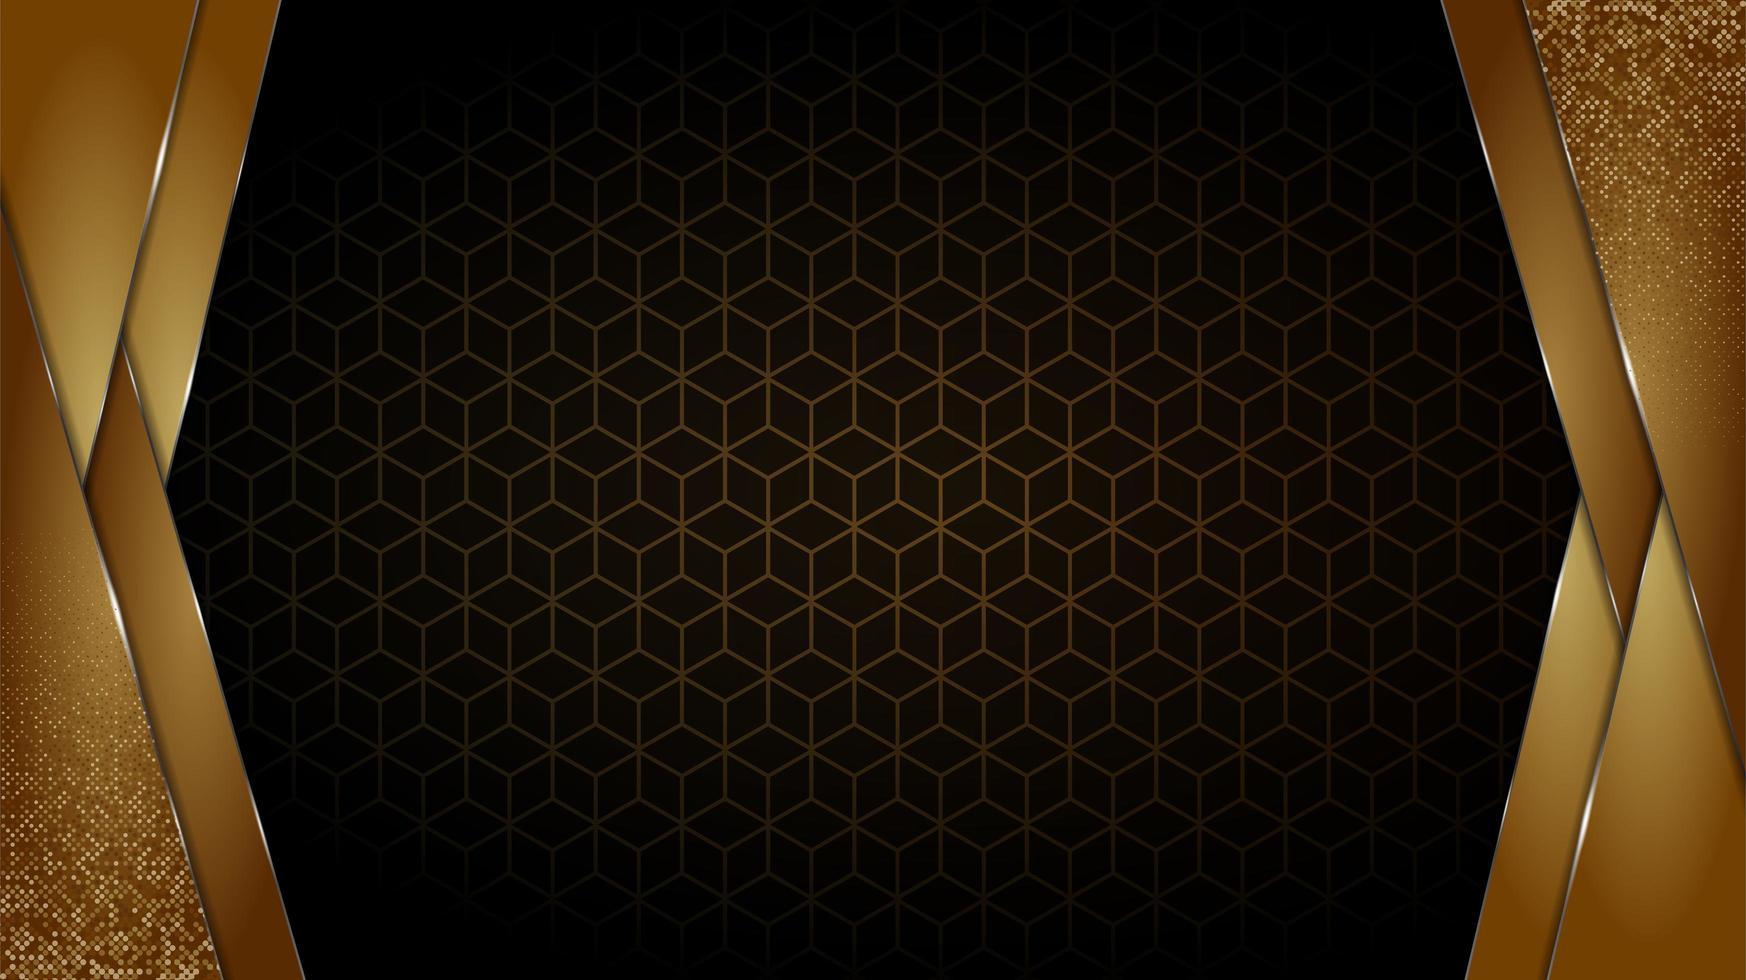 zwart en goud luxe achtergrond vector